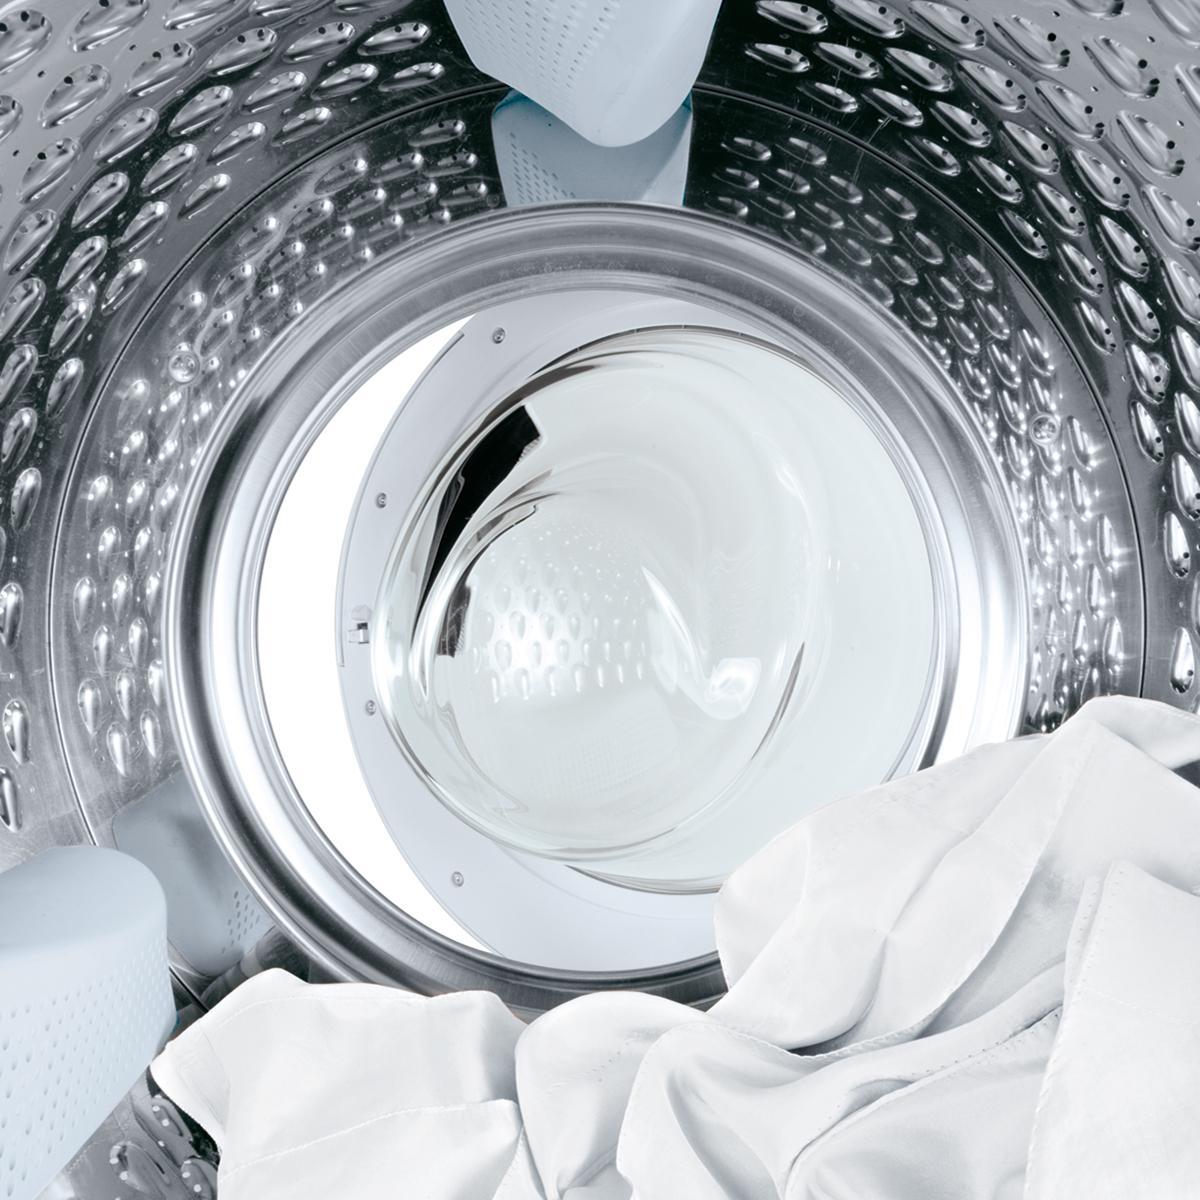 Siemens iQ500 Waschmaschine mit Lieferung bis zur Verwendungsstelle: A+++, iQdrive-Motor, sensorgesteuerte Waschprogramme, Nachlegefunktion